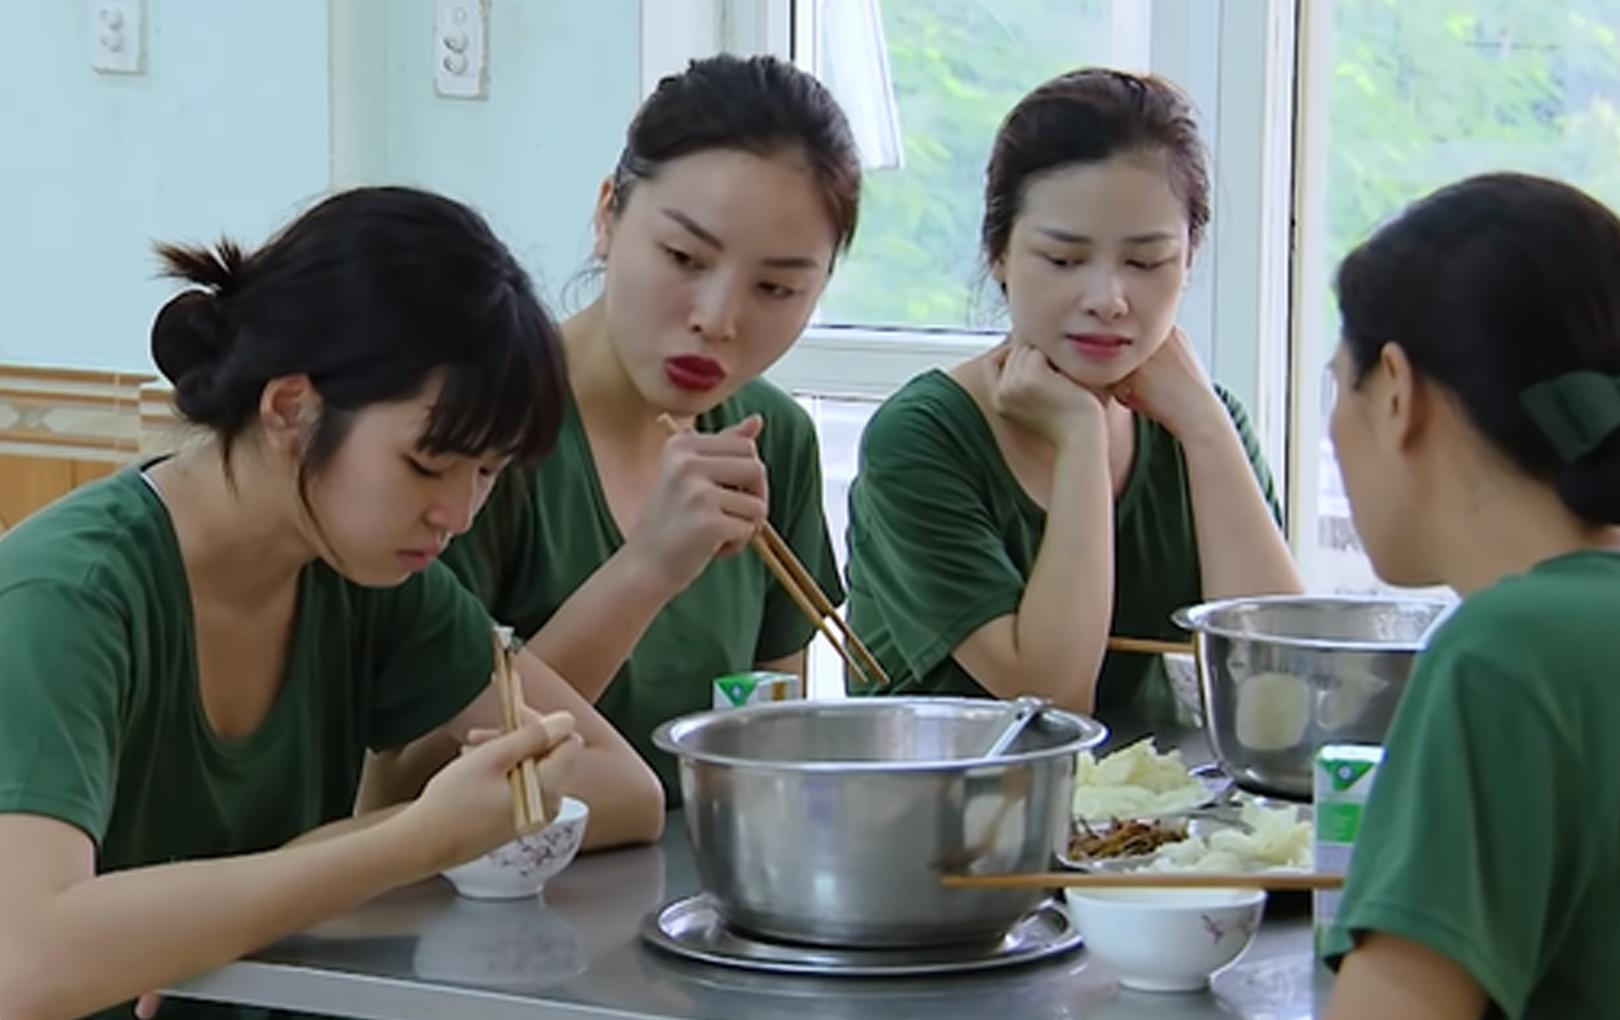 """Bị chỉ trích """"tiểu thư"""" khi tham gia Sao Nhập Ngũ, Khánh Vân phản hồi: """"Quay rồi không biết sửa làm sao"""""""